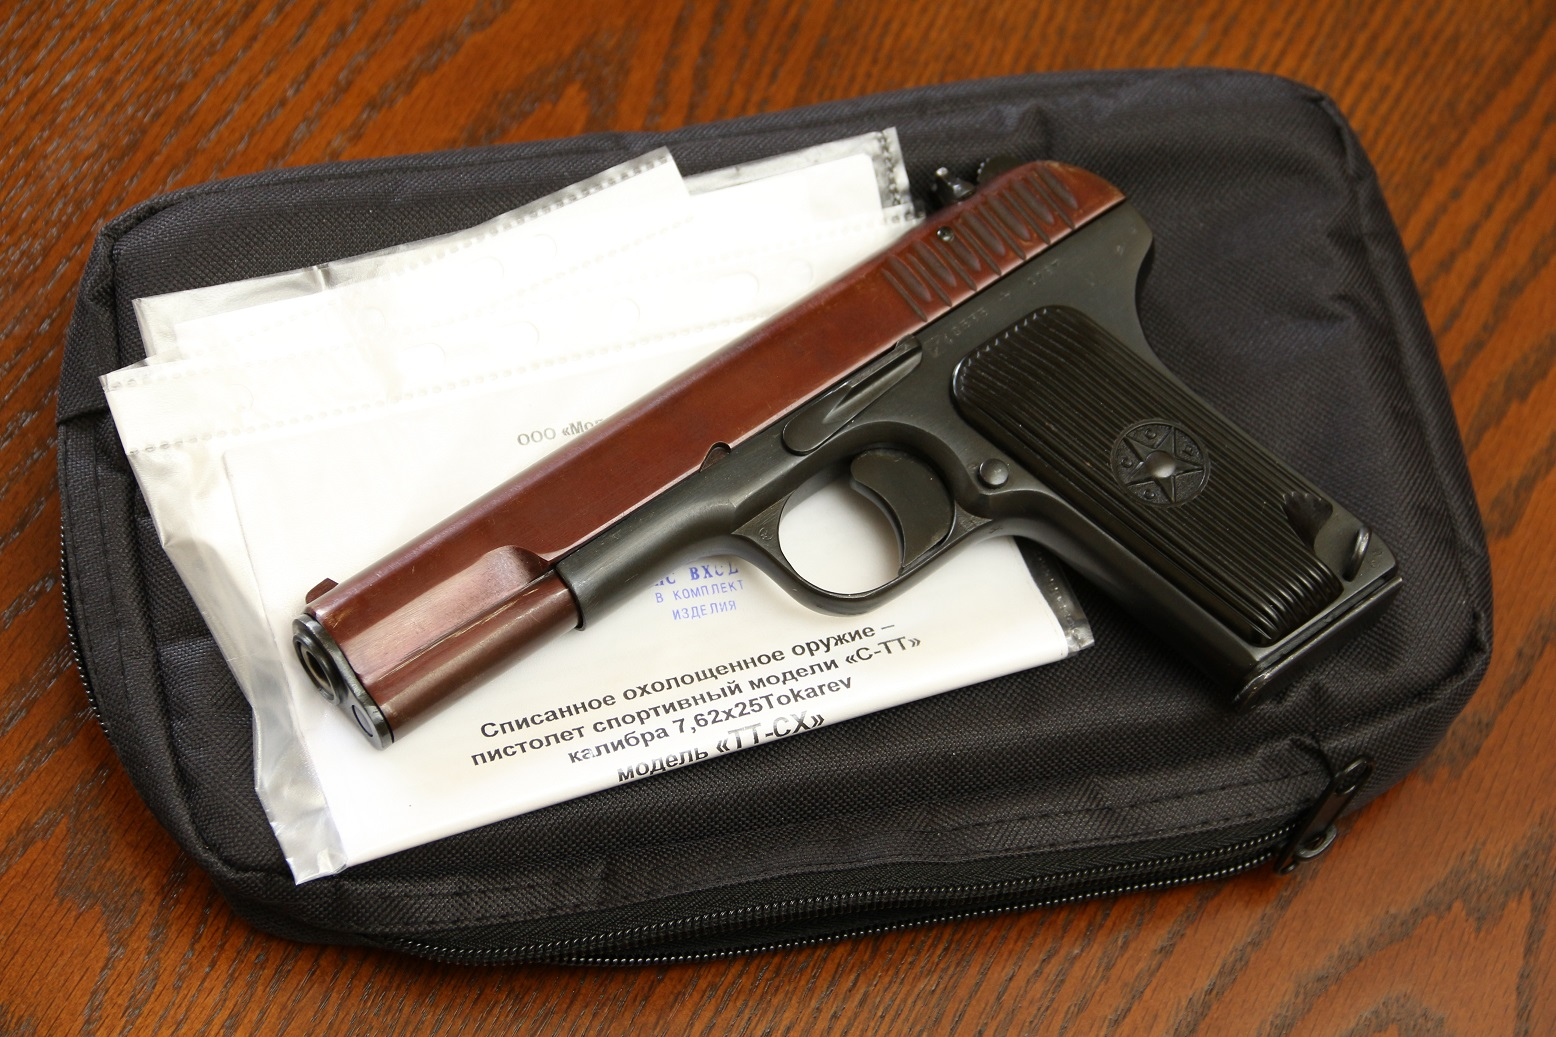 Охолощенный пистолет ТТ-СХ 1937 года, №8535, красный затвор, ДЕАКТИВ 2020 года